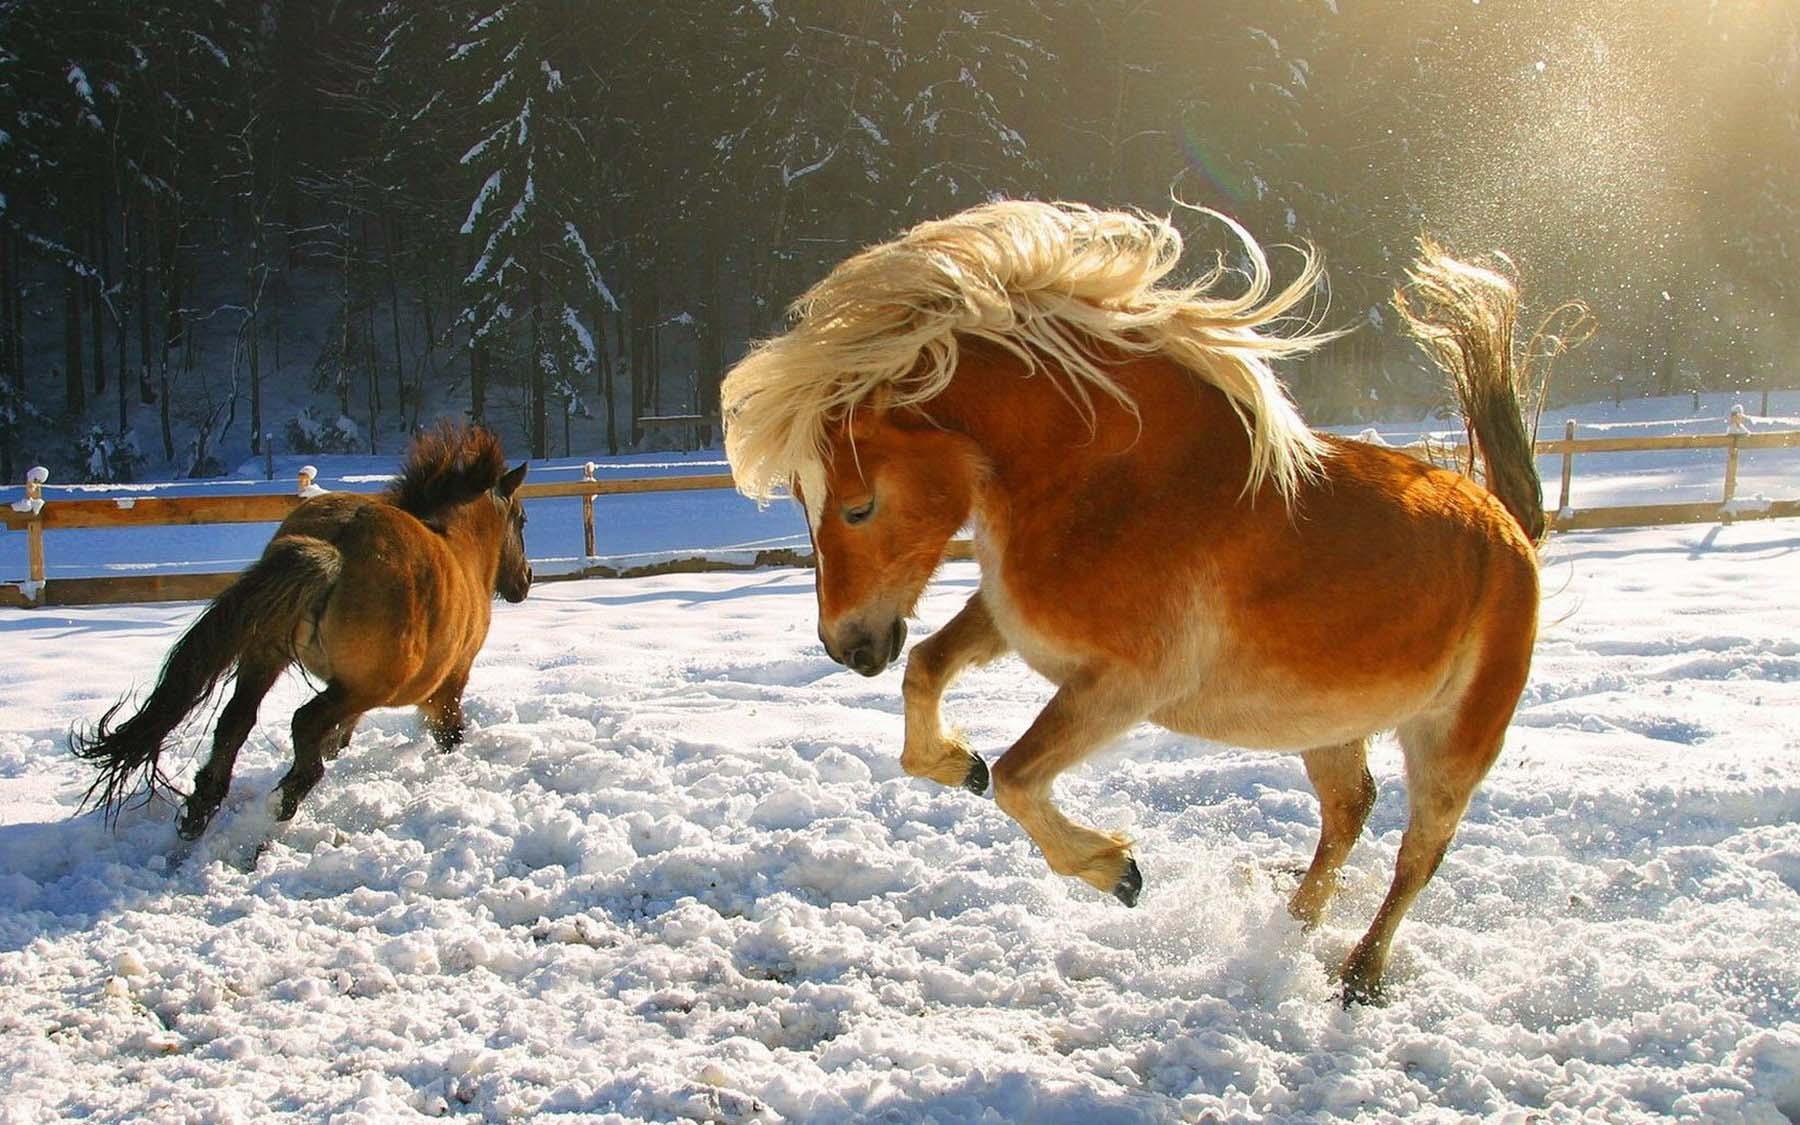 зимняя лошадь обои на рабочий стол № 511103 бесплатно